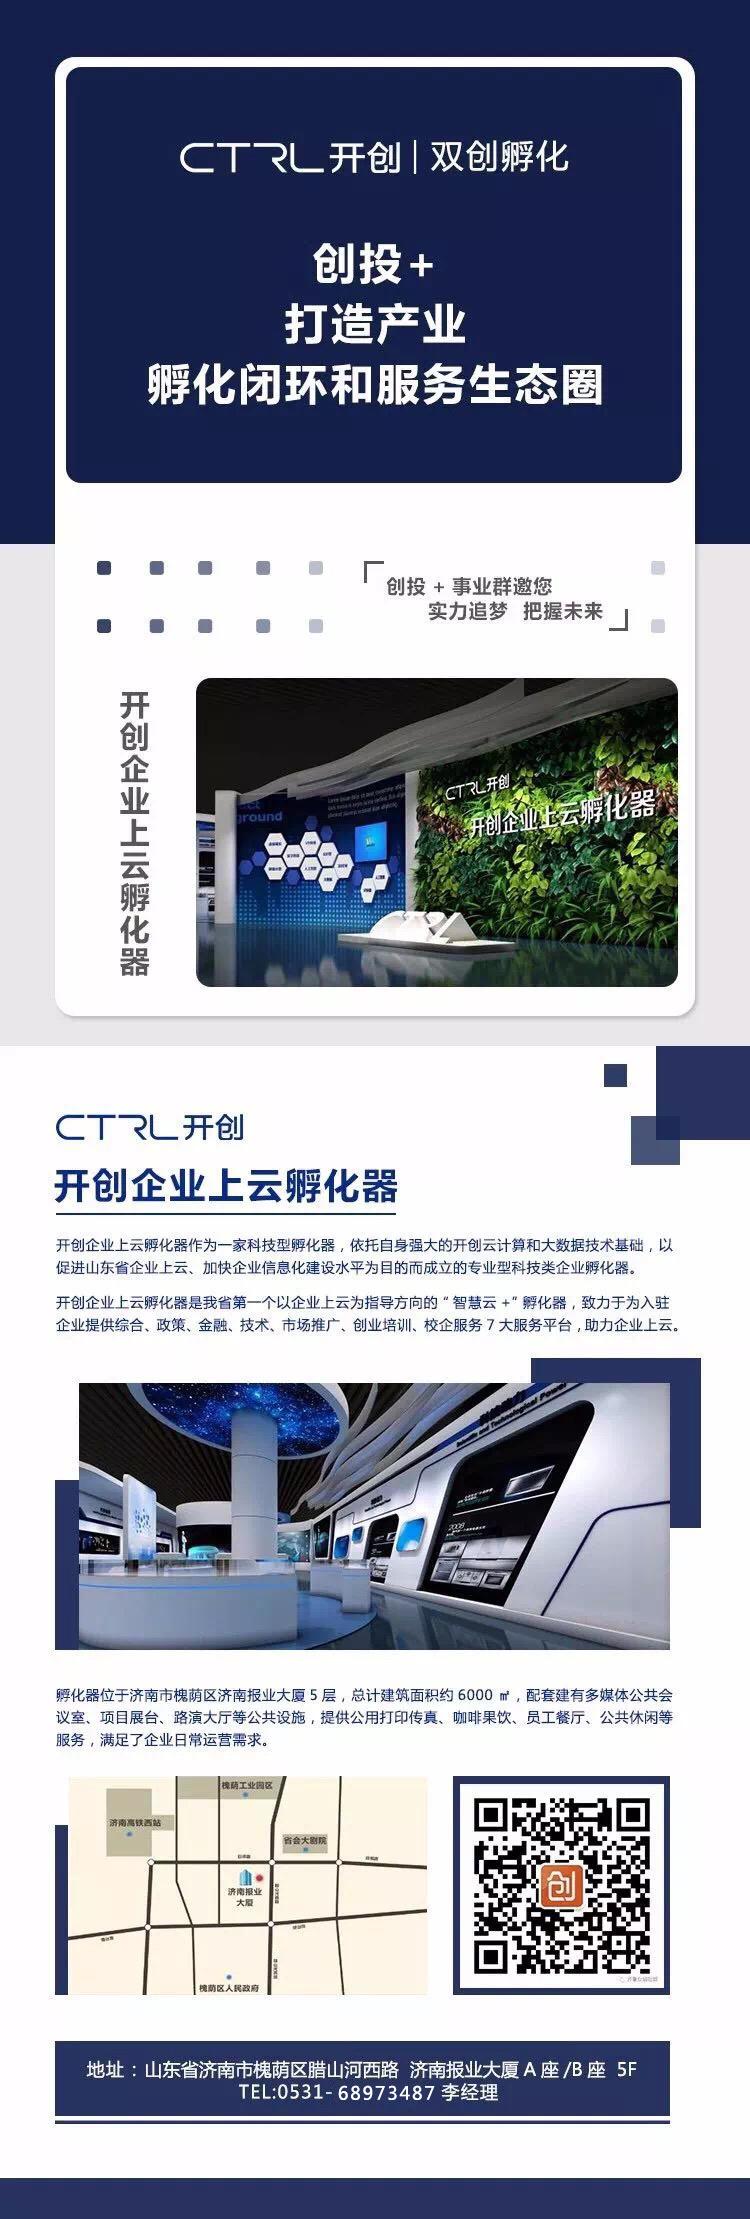 济南孵化器宣传图.jpg